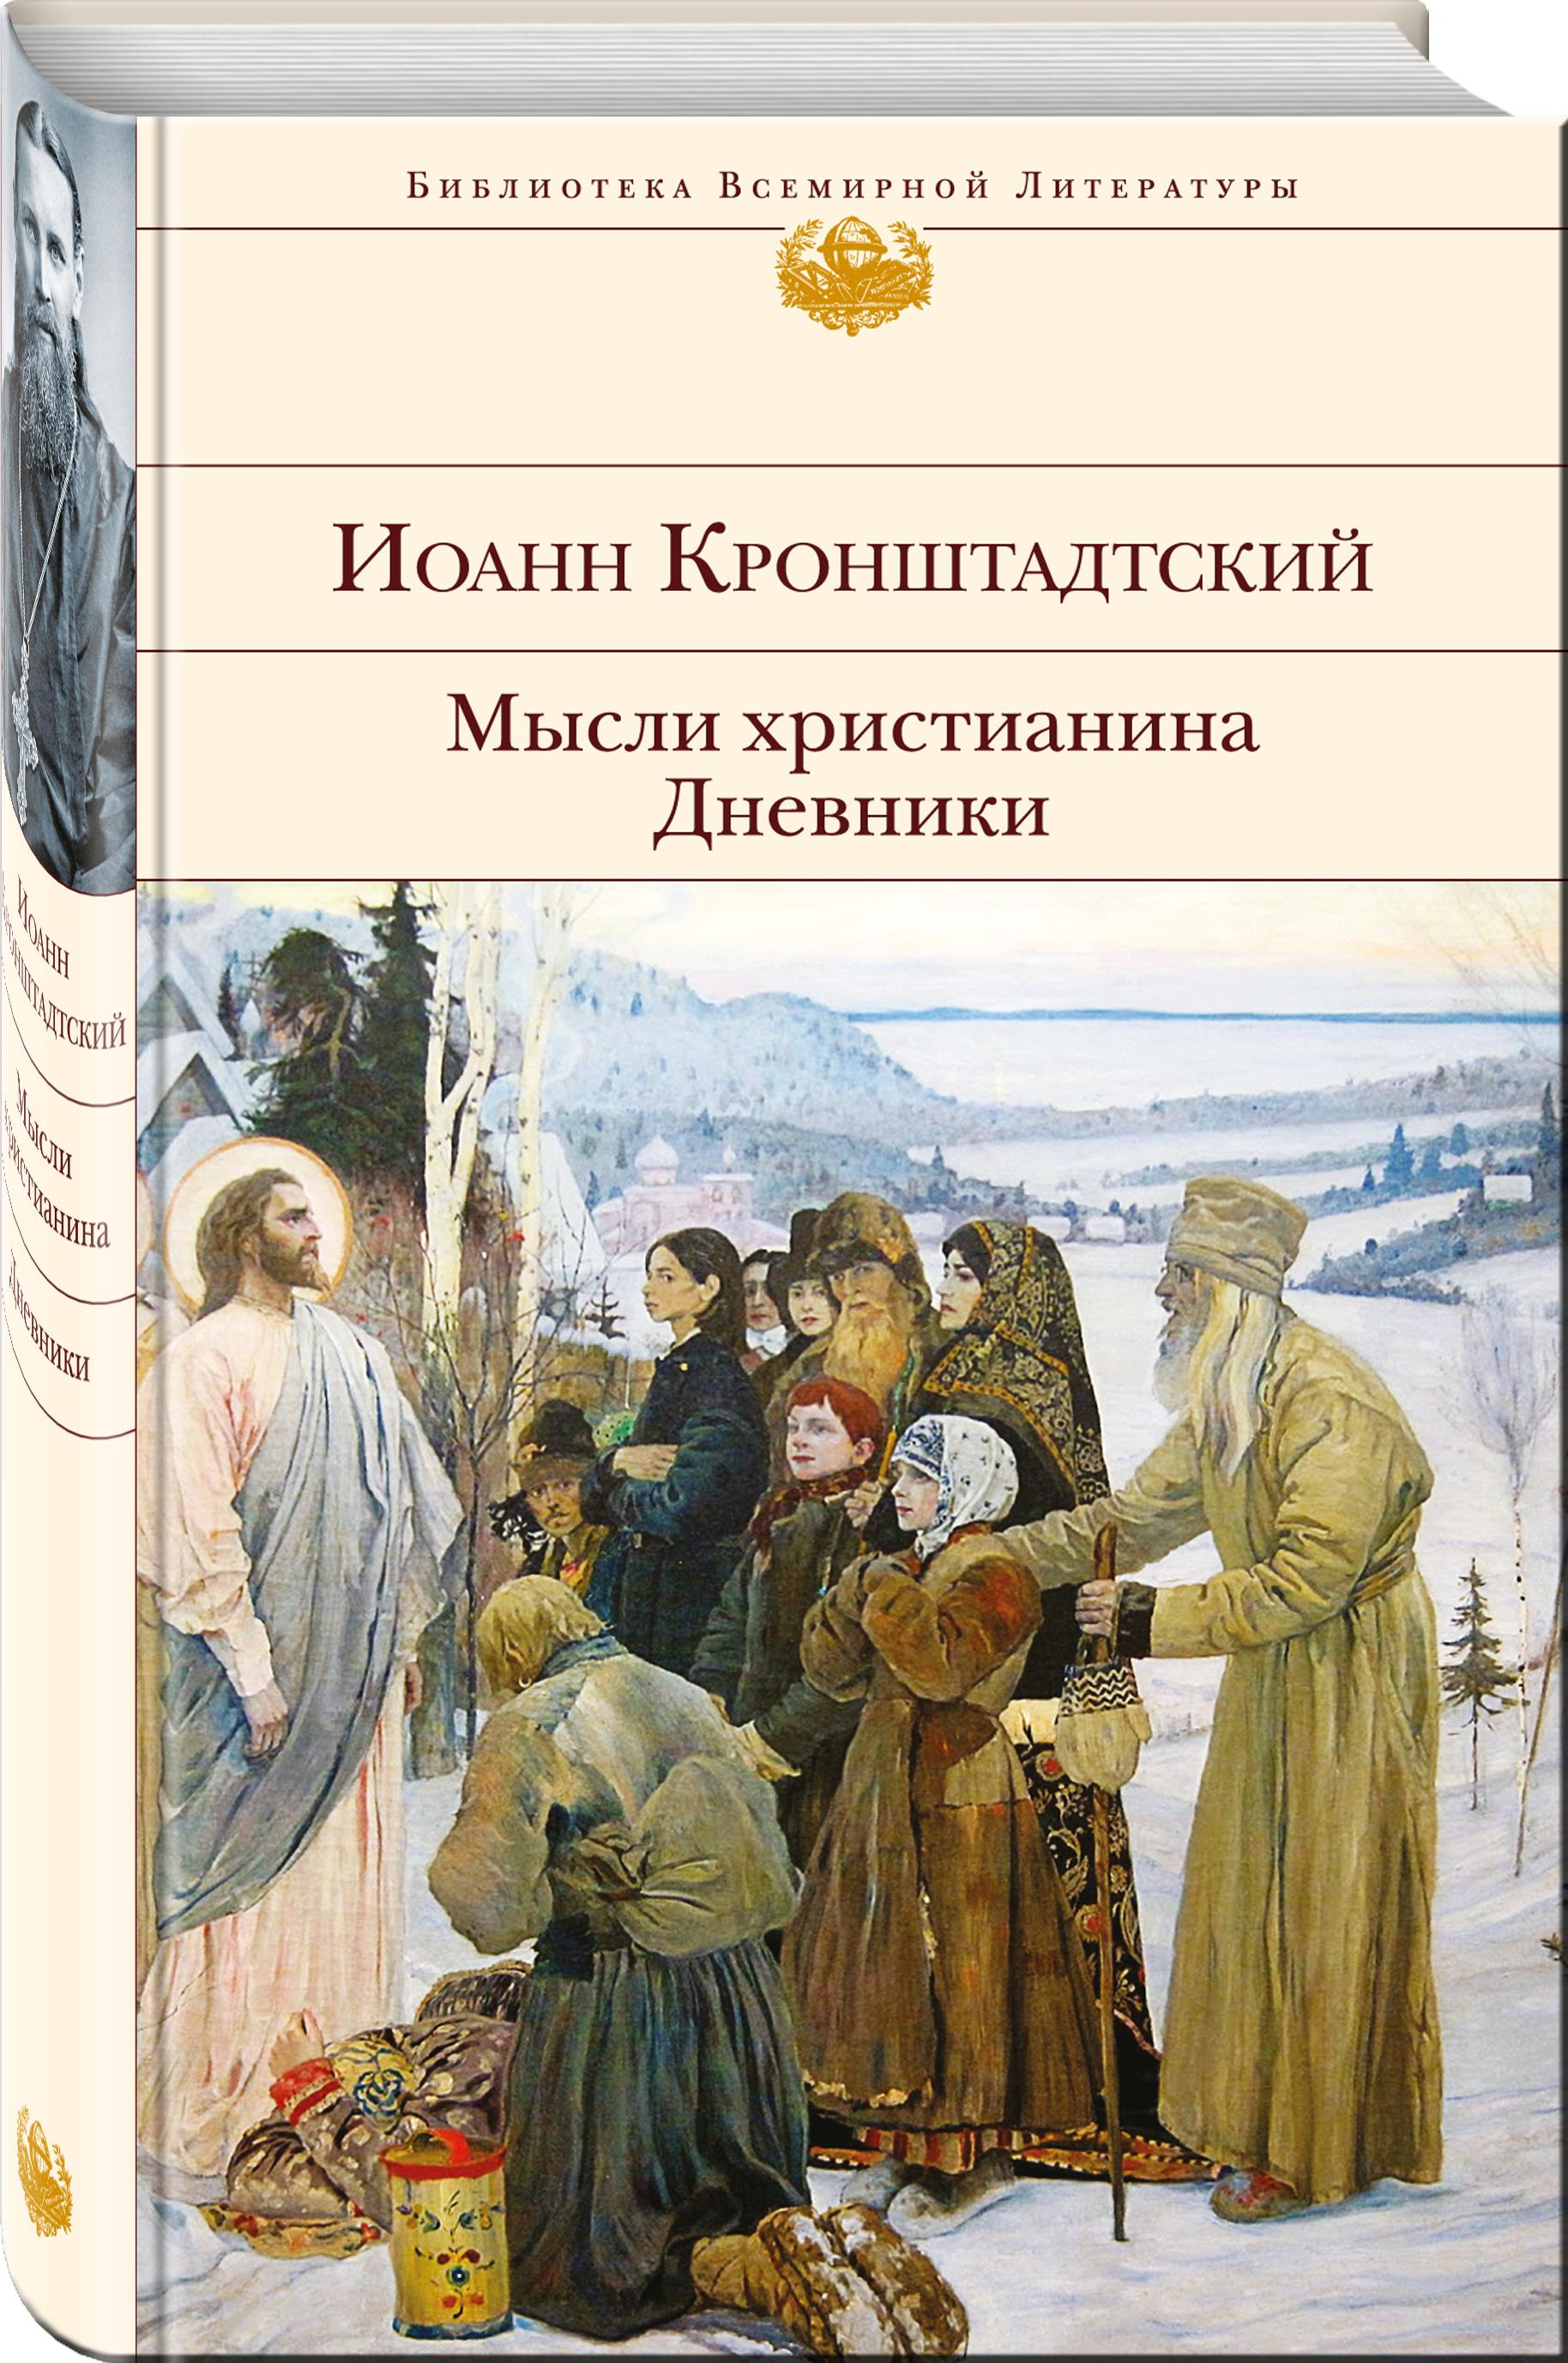 Иоанн Кронштадтский Мысли христианина. Дневники вел тэйк